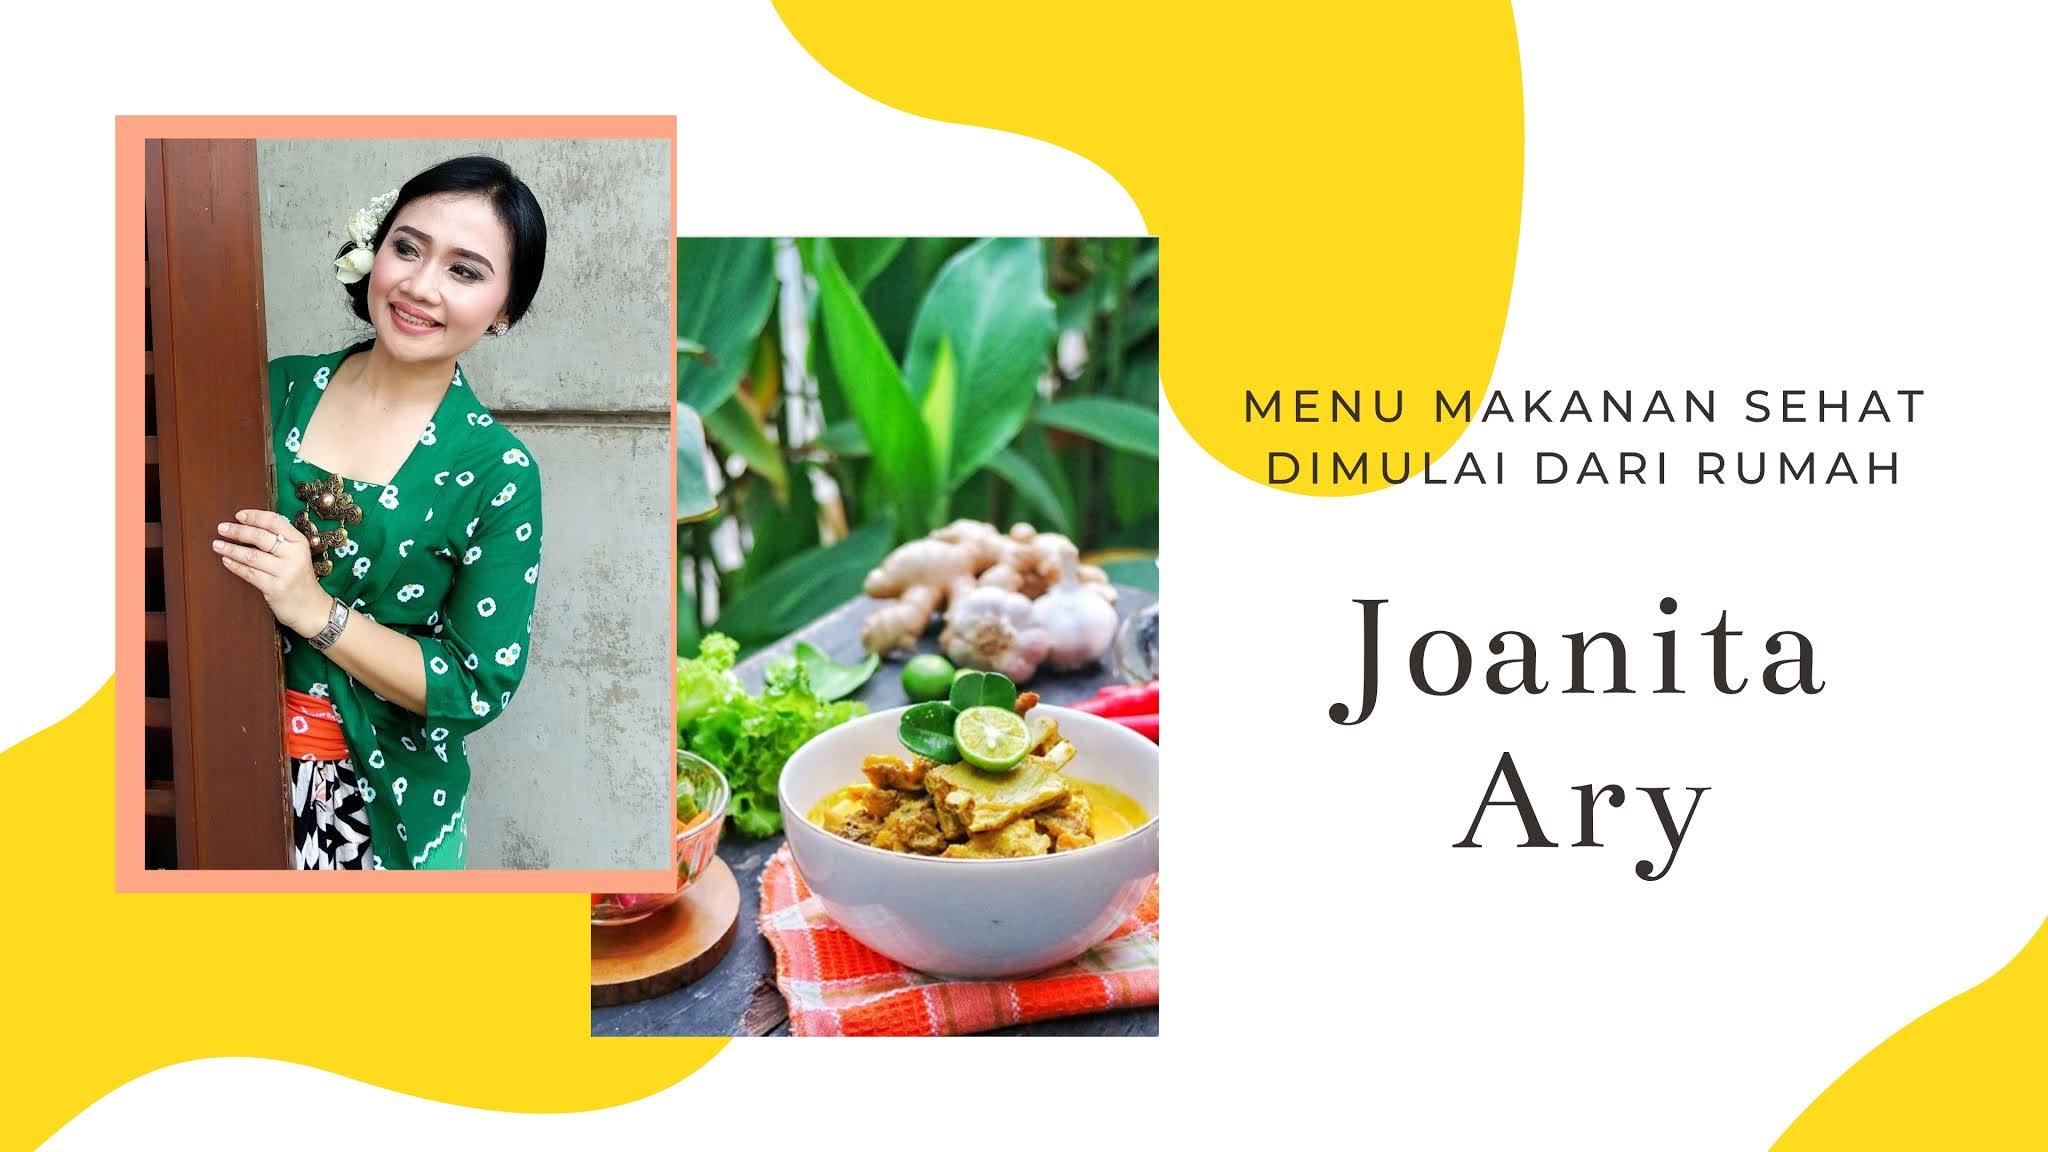 Joanita Ary